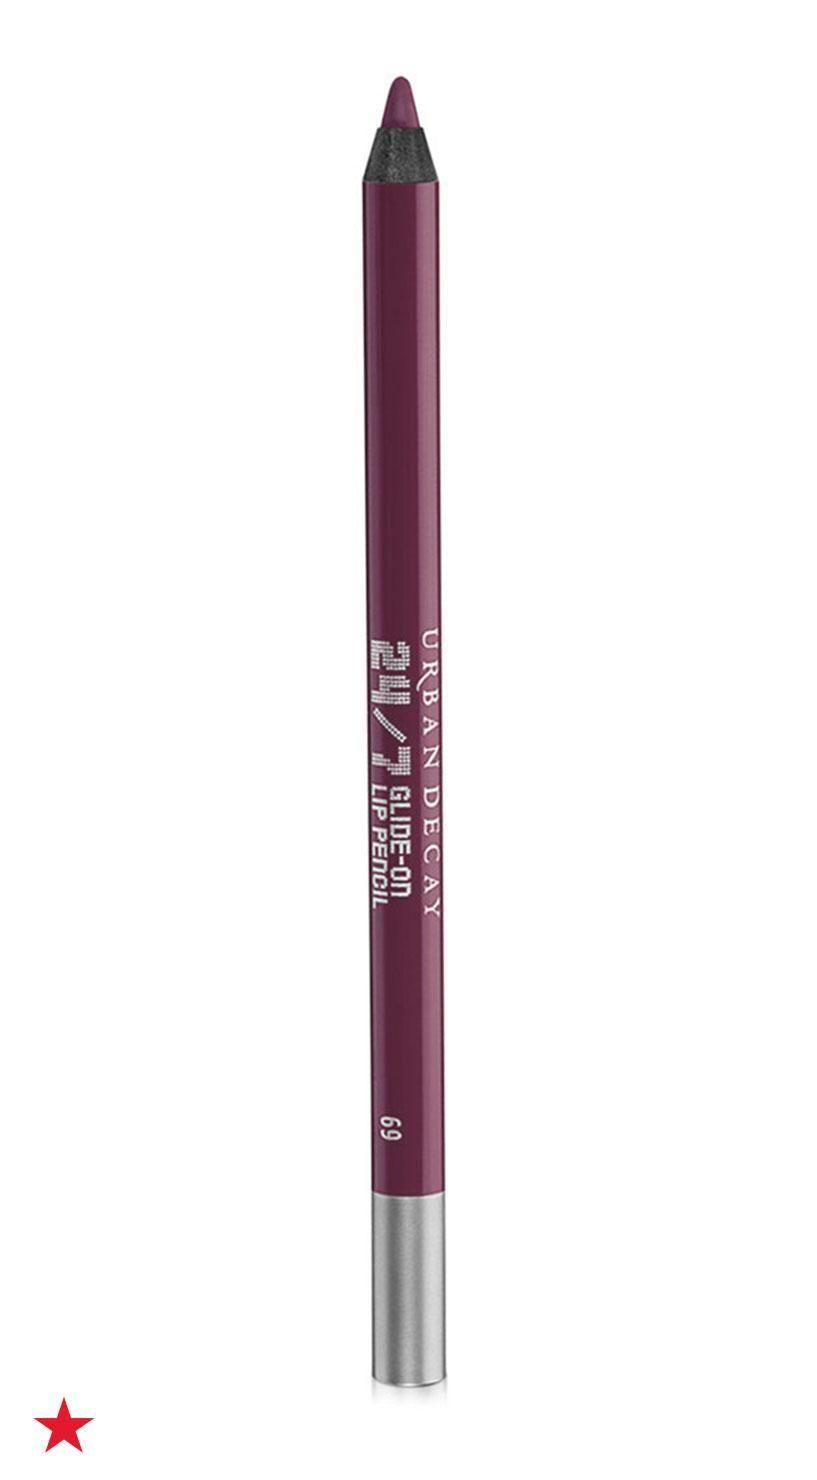 Vice 24/7 GlideOn Lip Pencil Lip pencil, Ombre lips